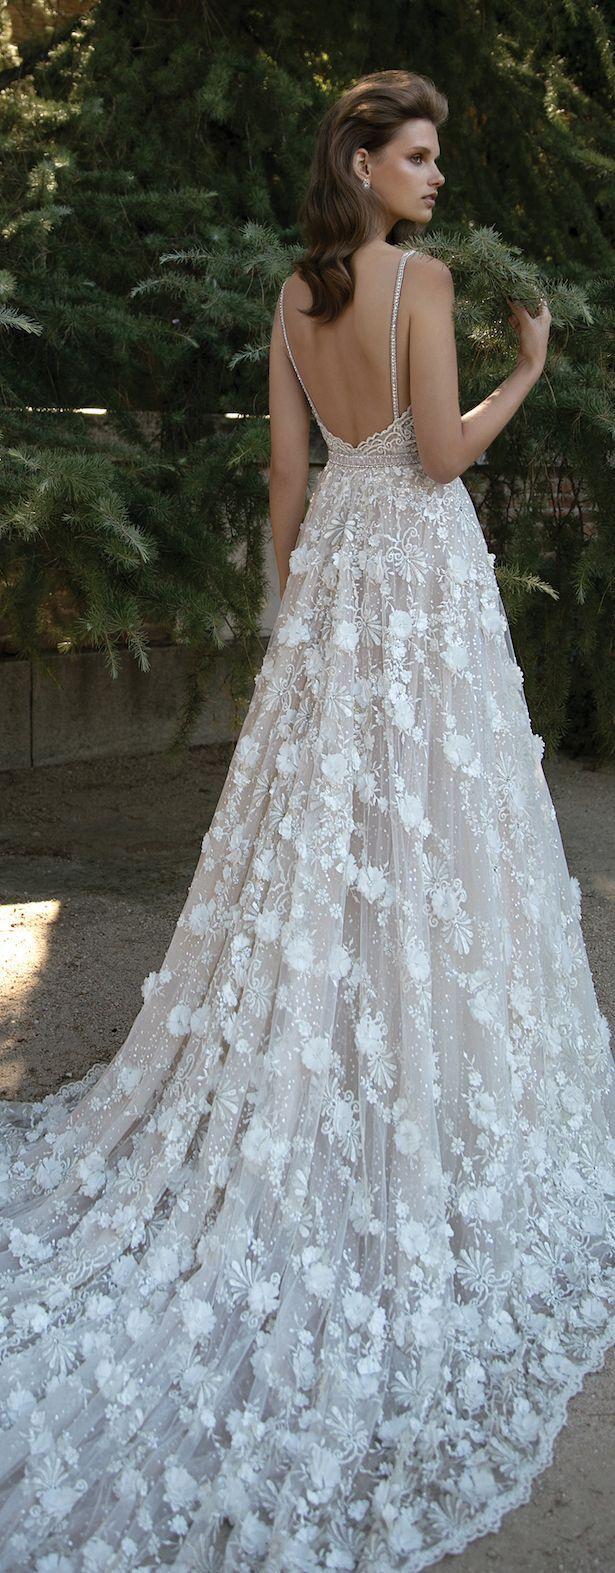 Mejores 19 imágenes de SML Wedding Dress en Pinterest | Vestidos de ...